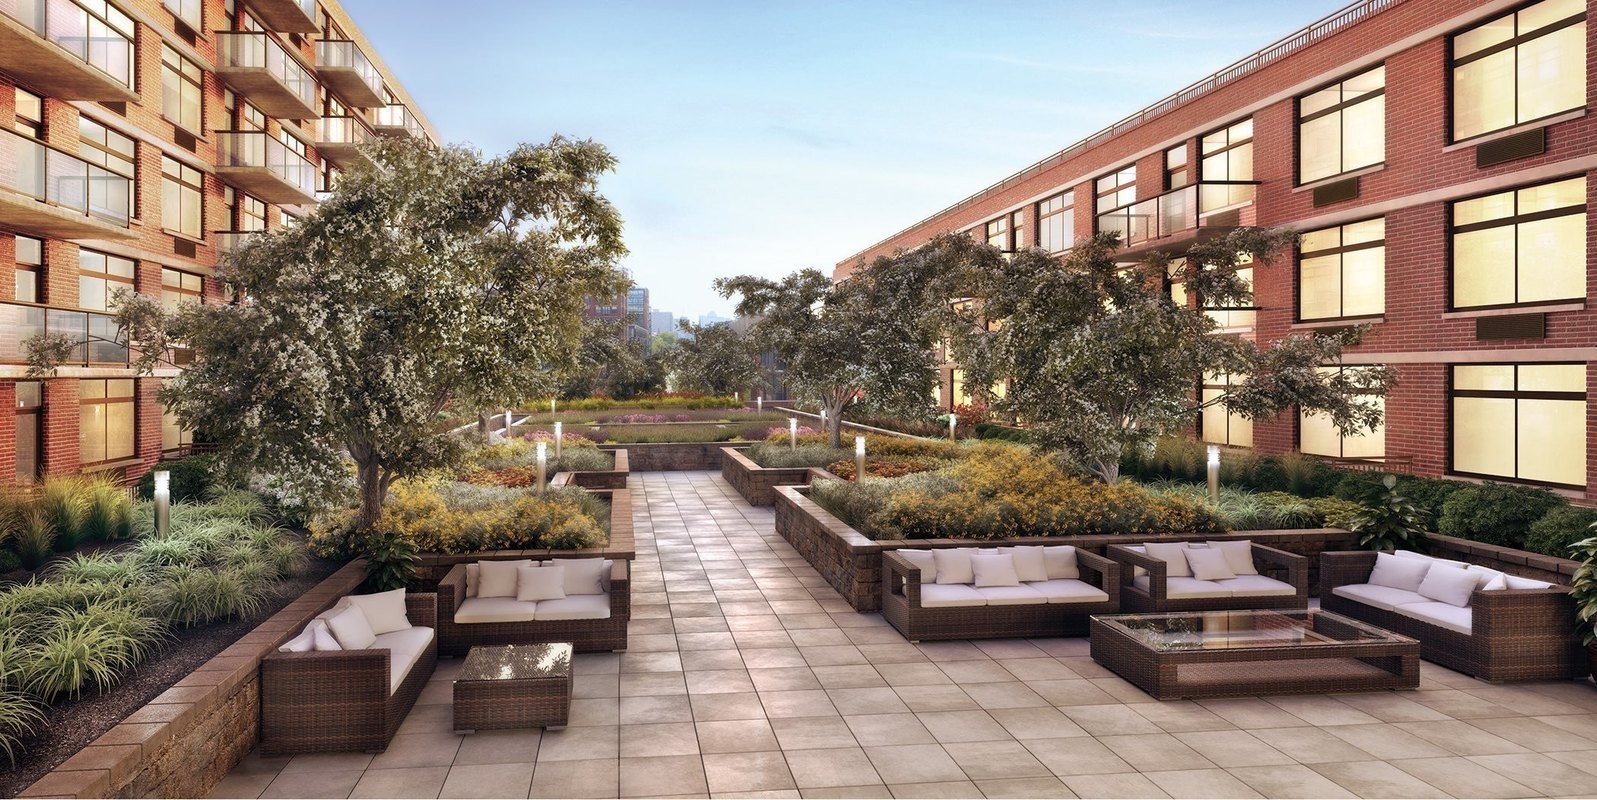 1400 Hudson St  in Hoboken : Sales, Rentals, Floorplans